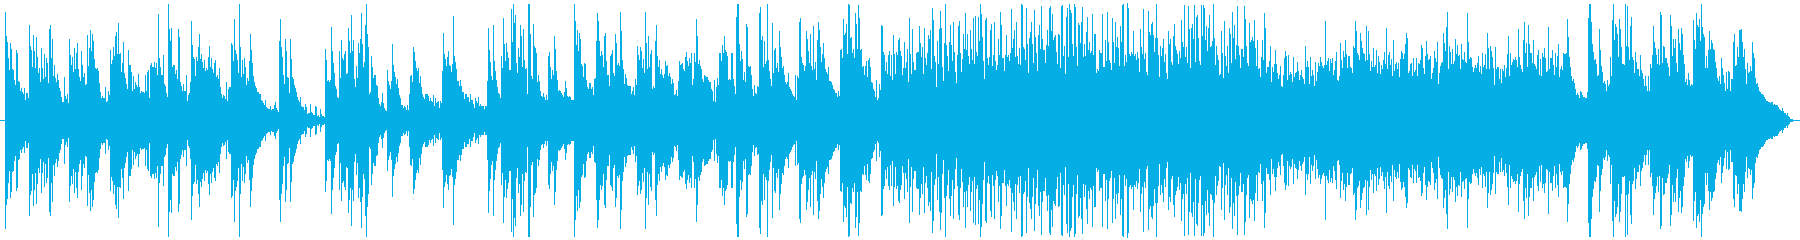 フラメンコ伝統。複雑なナイロン弦ギ...の再生済みの波形